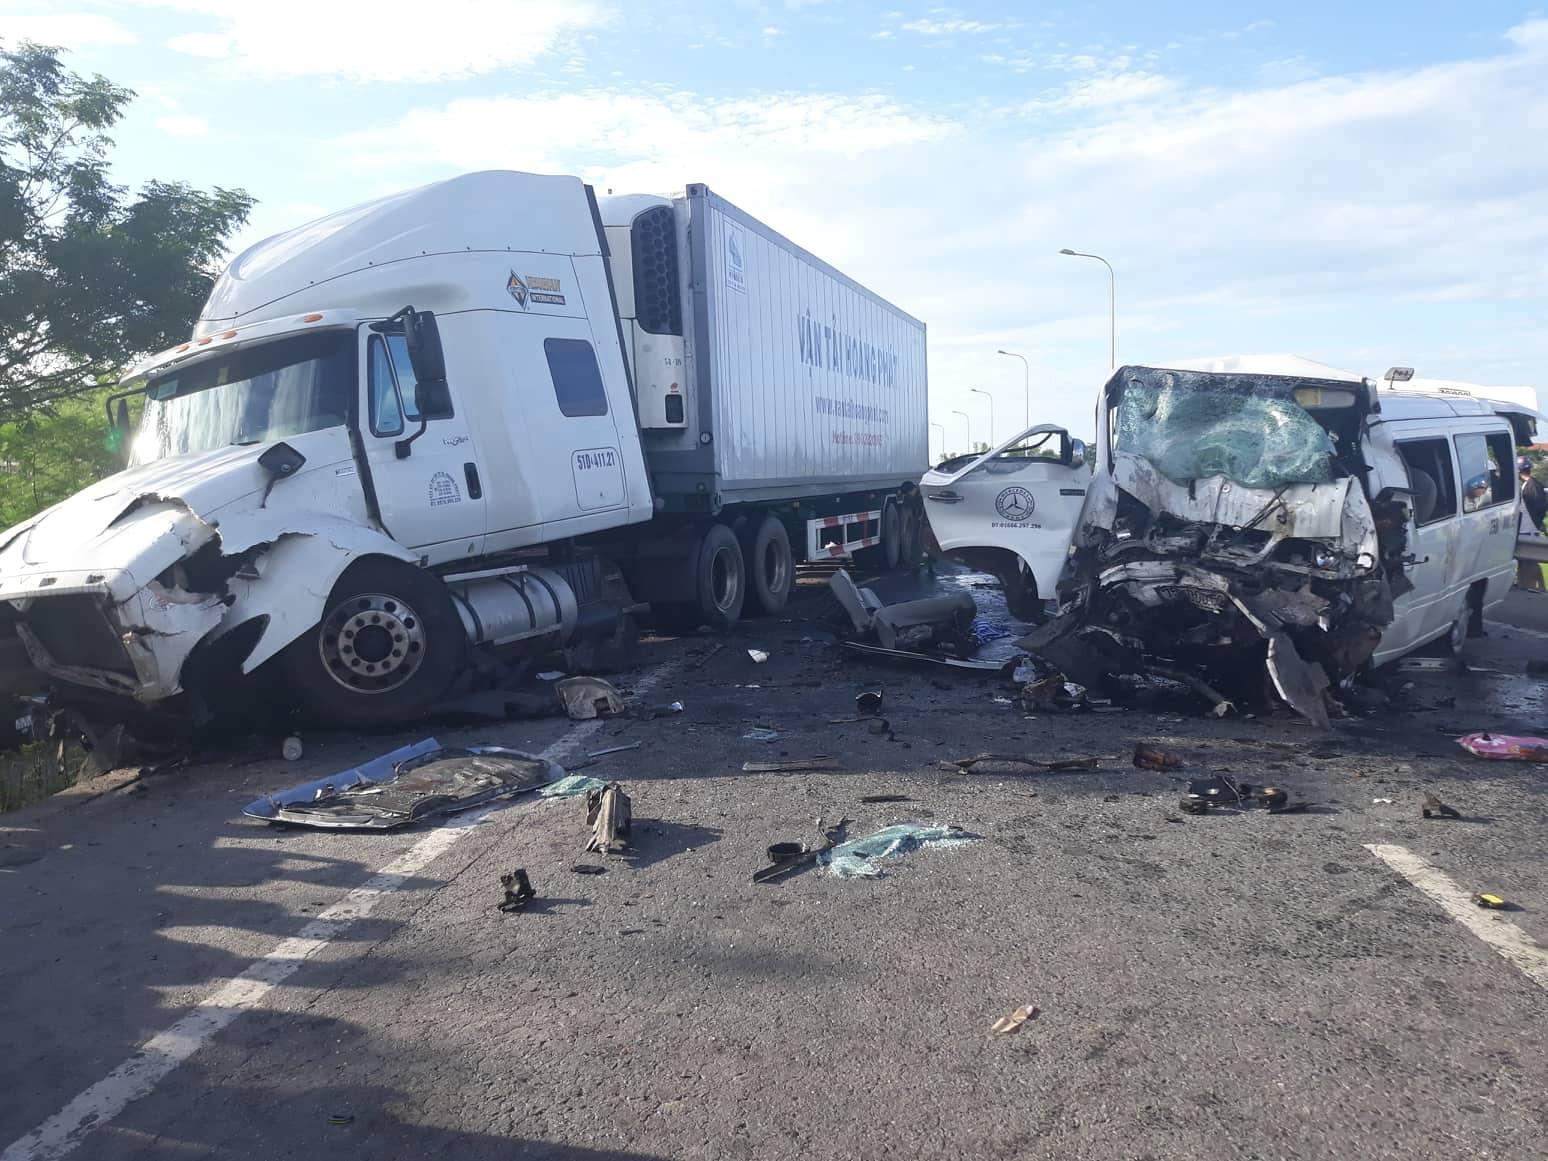 Khẩn trương khắc phục hậu quả vụ tai nạn giao thông làm 13 người tử vong tại Quảng Nam